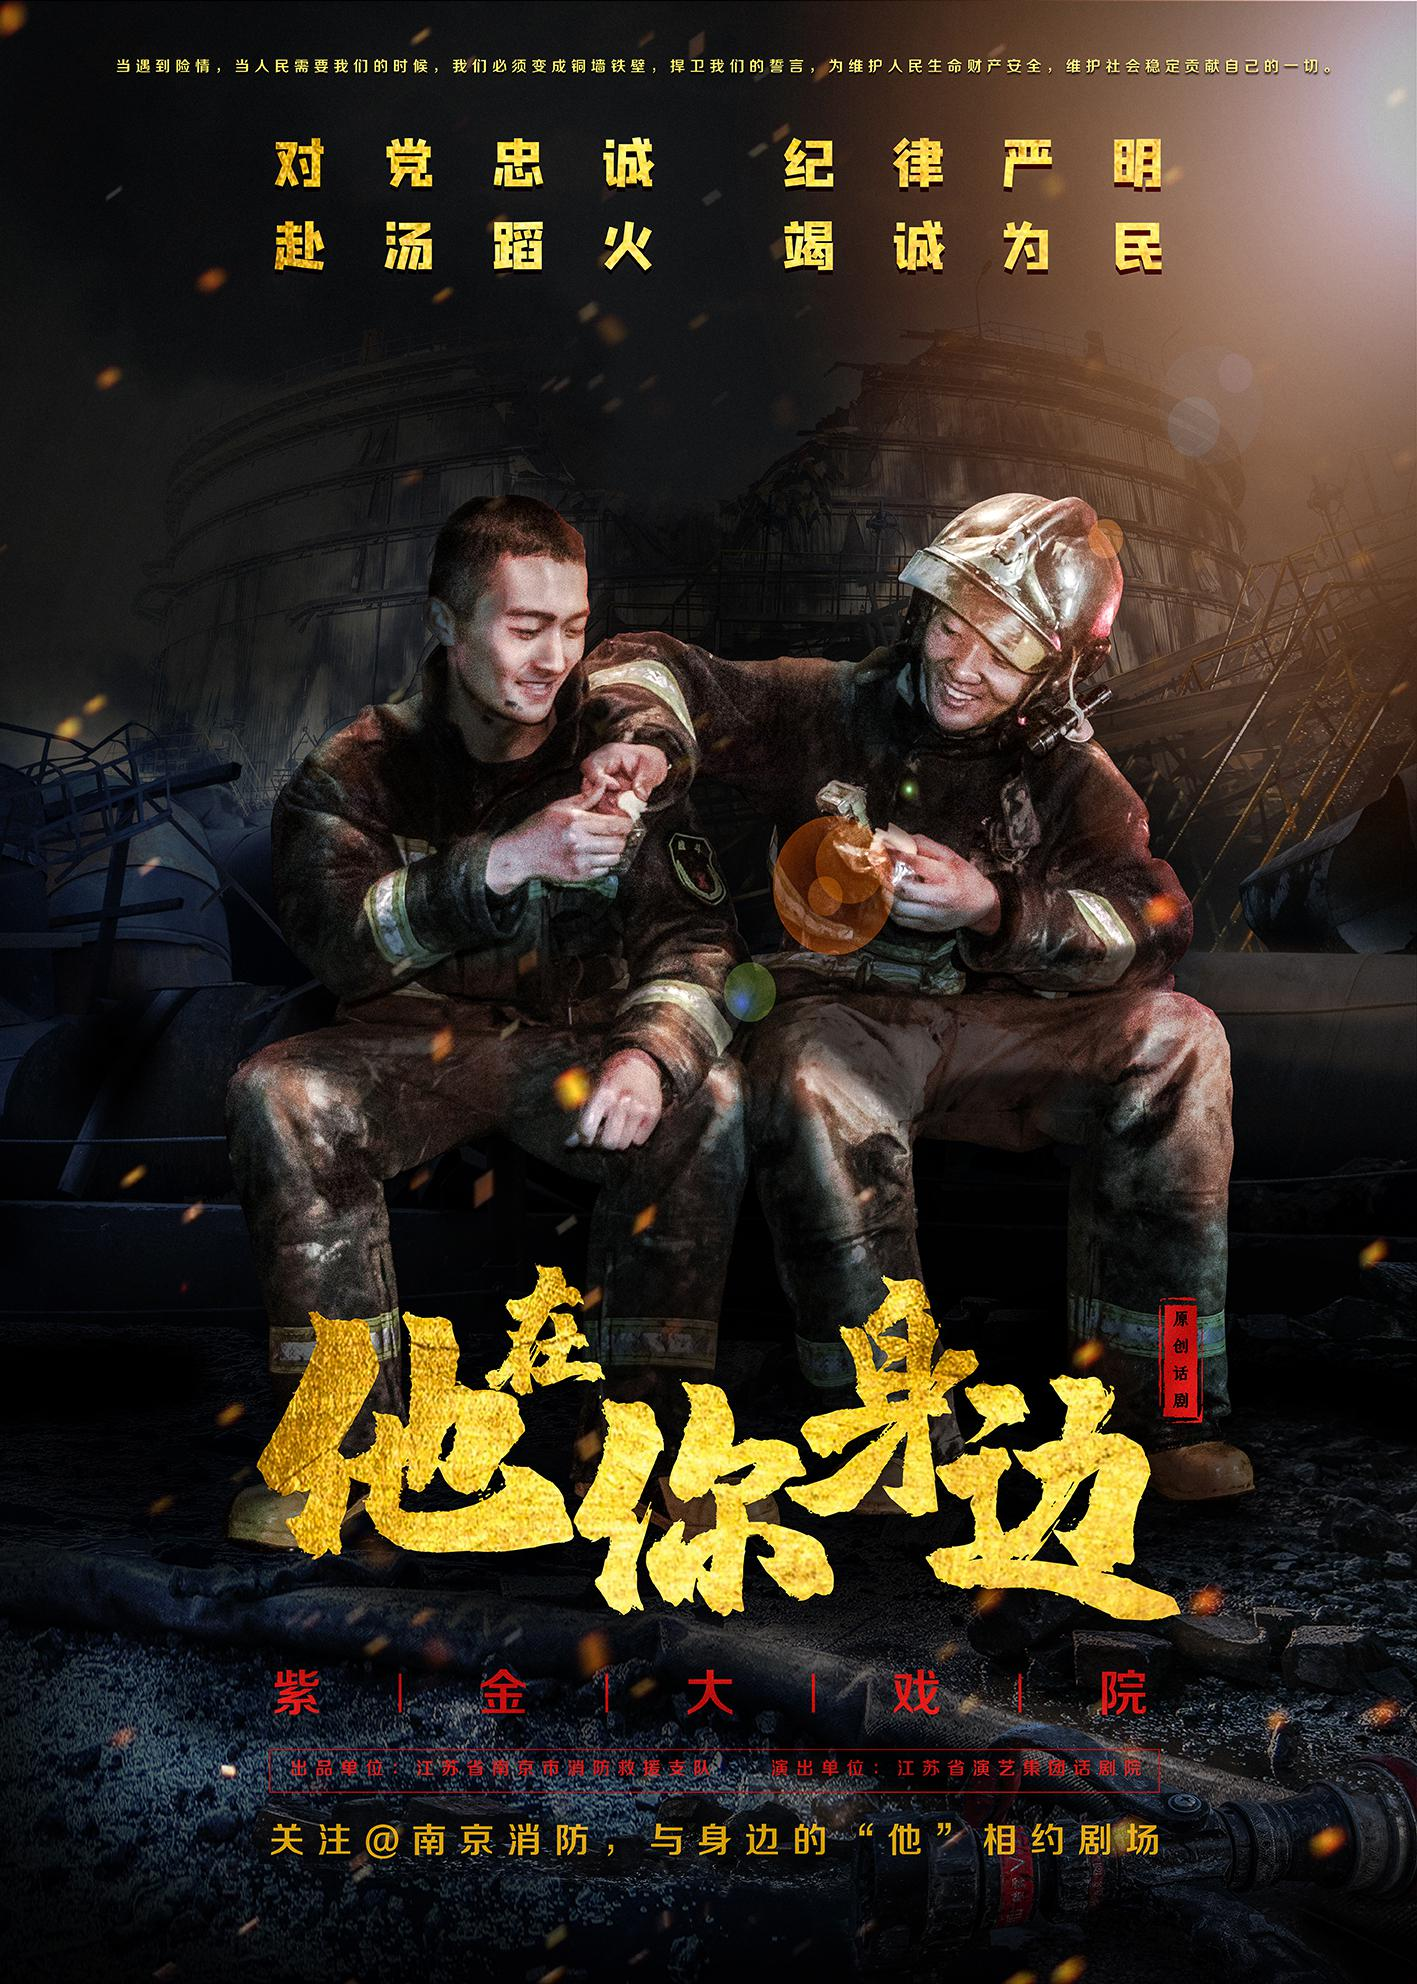 http://www.dibo-expo.com/yulemingxing/900145.html